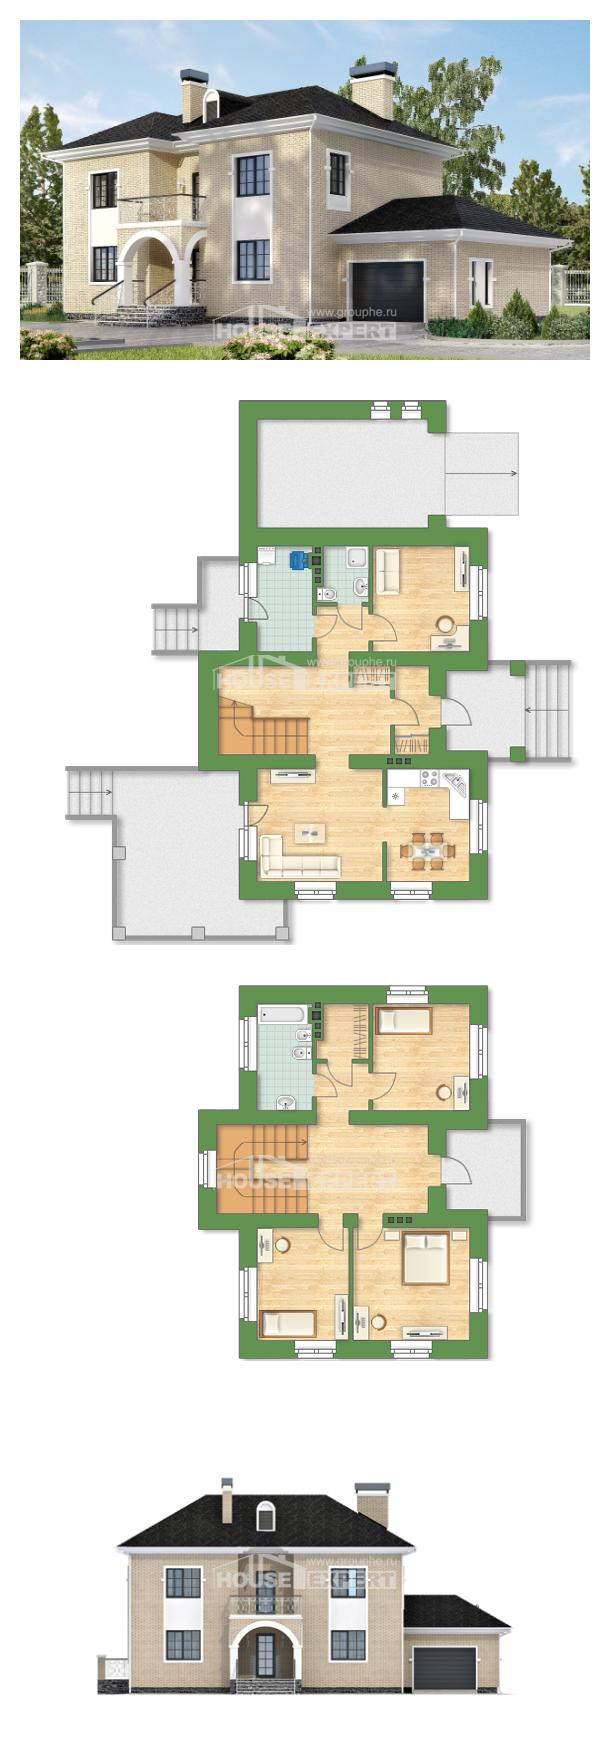 Plan 180-006-R | House Expert